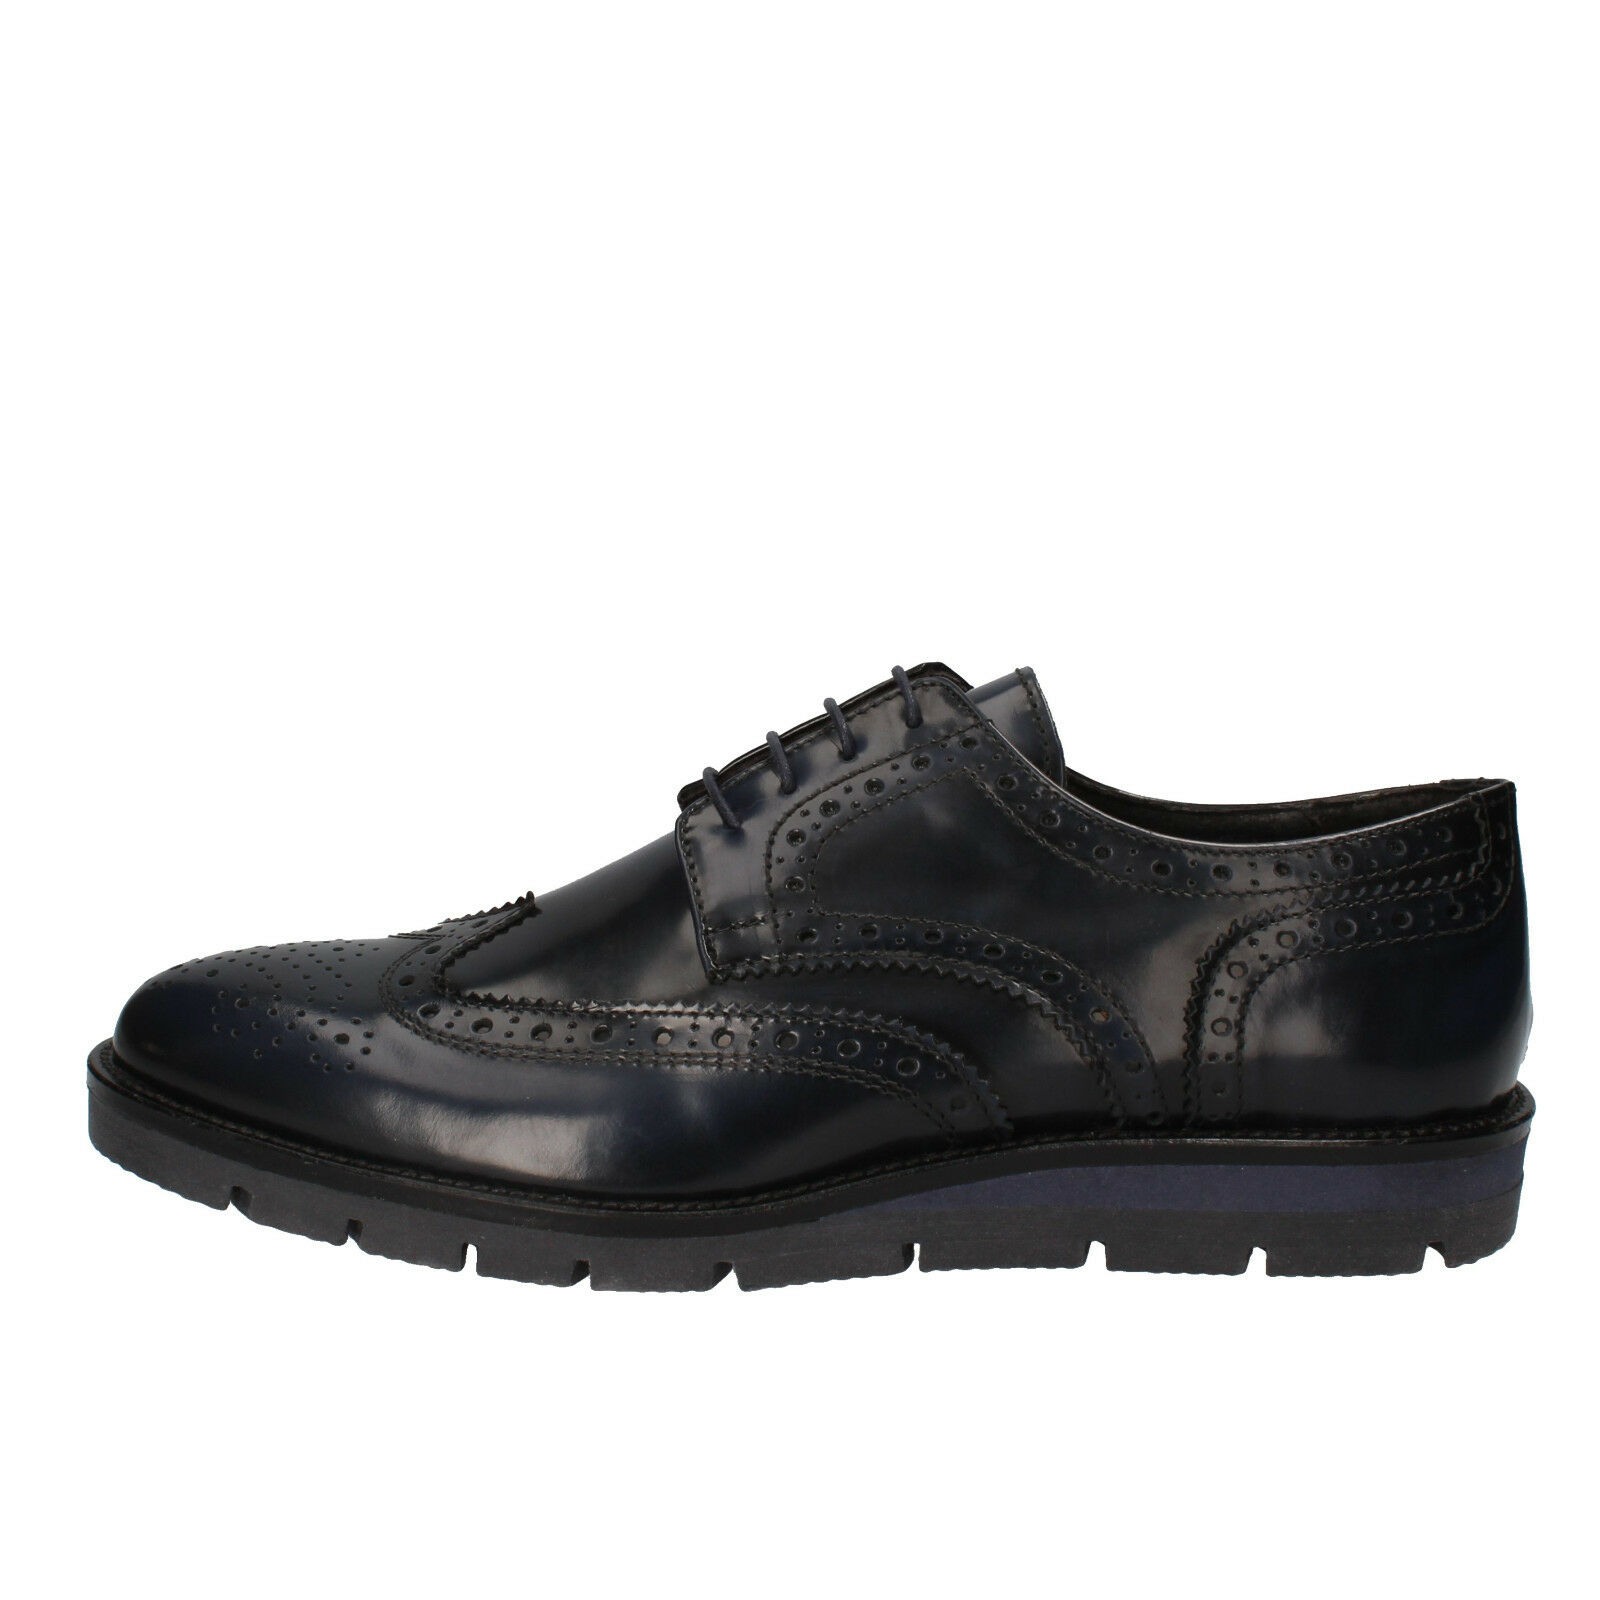 Mens zapatos J BREITLIN 9 (EU 43) elegant azul shiny leather AD13-D